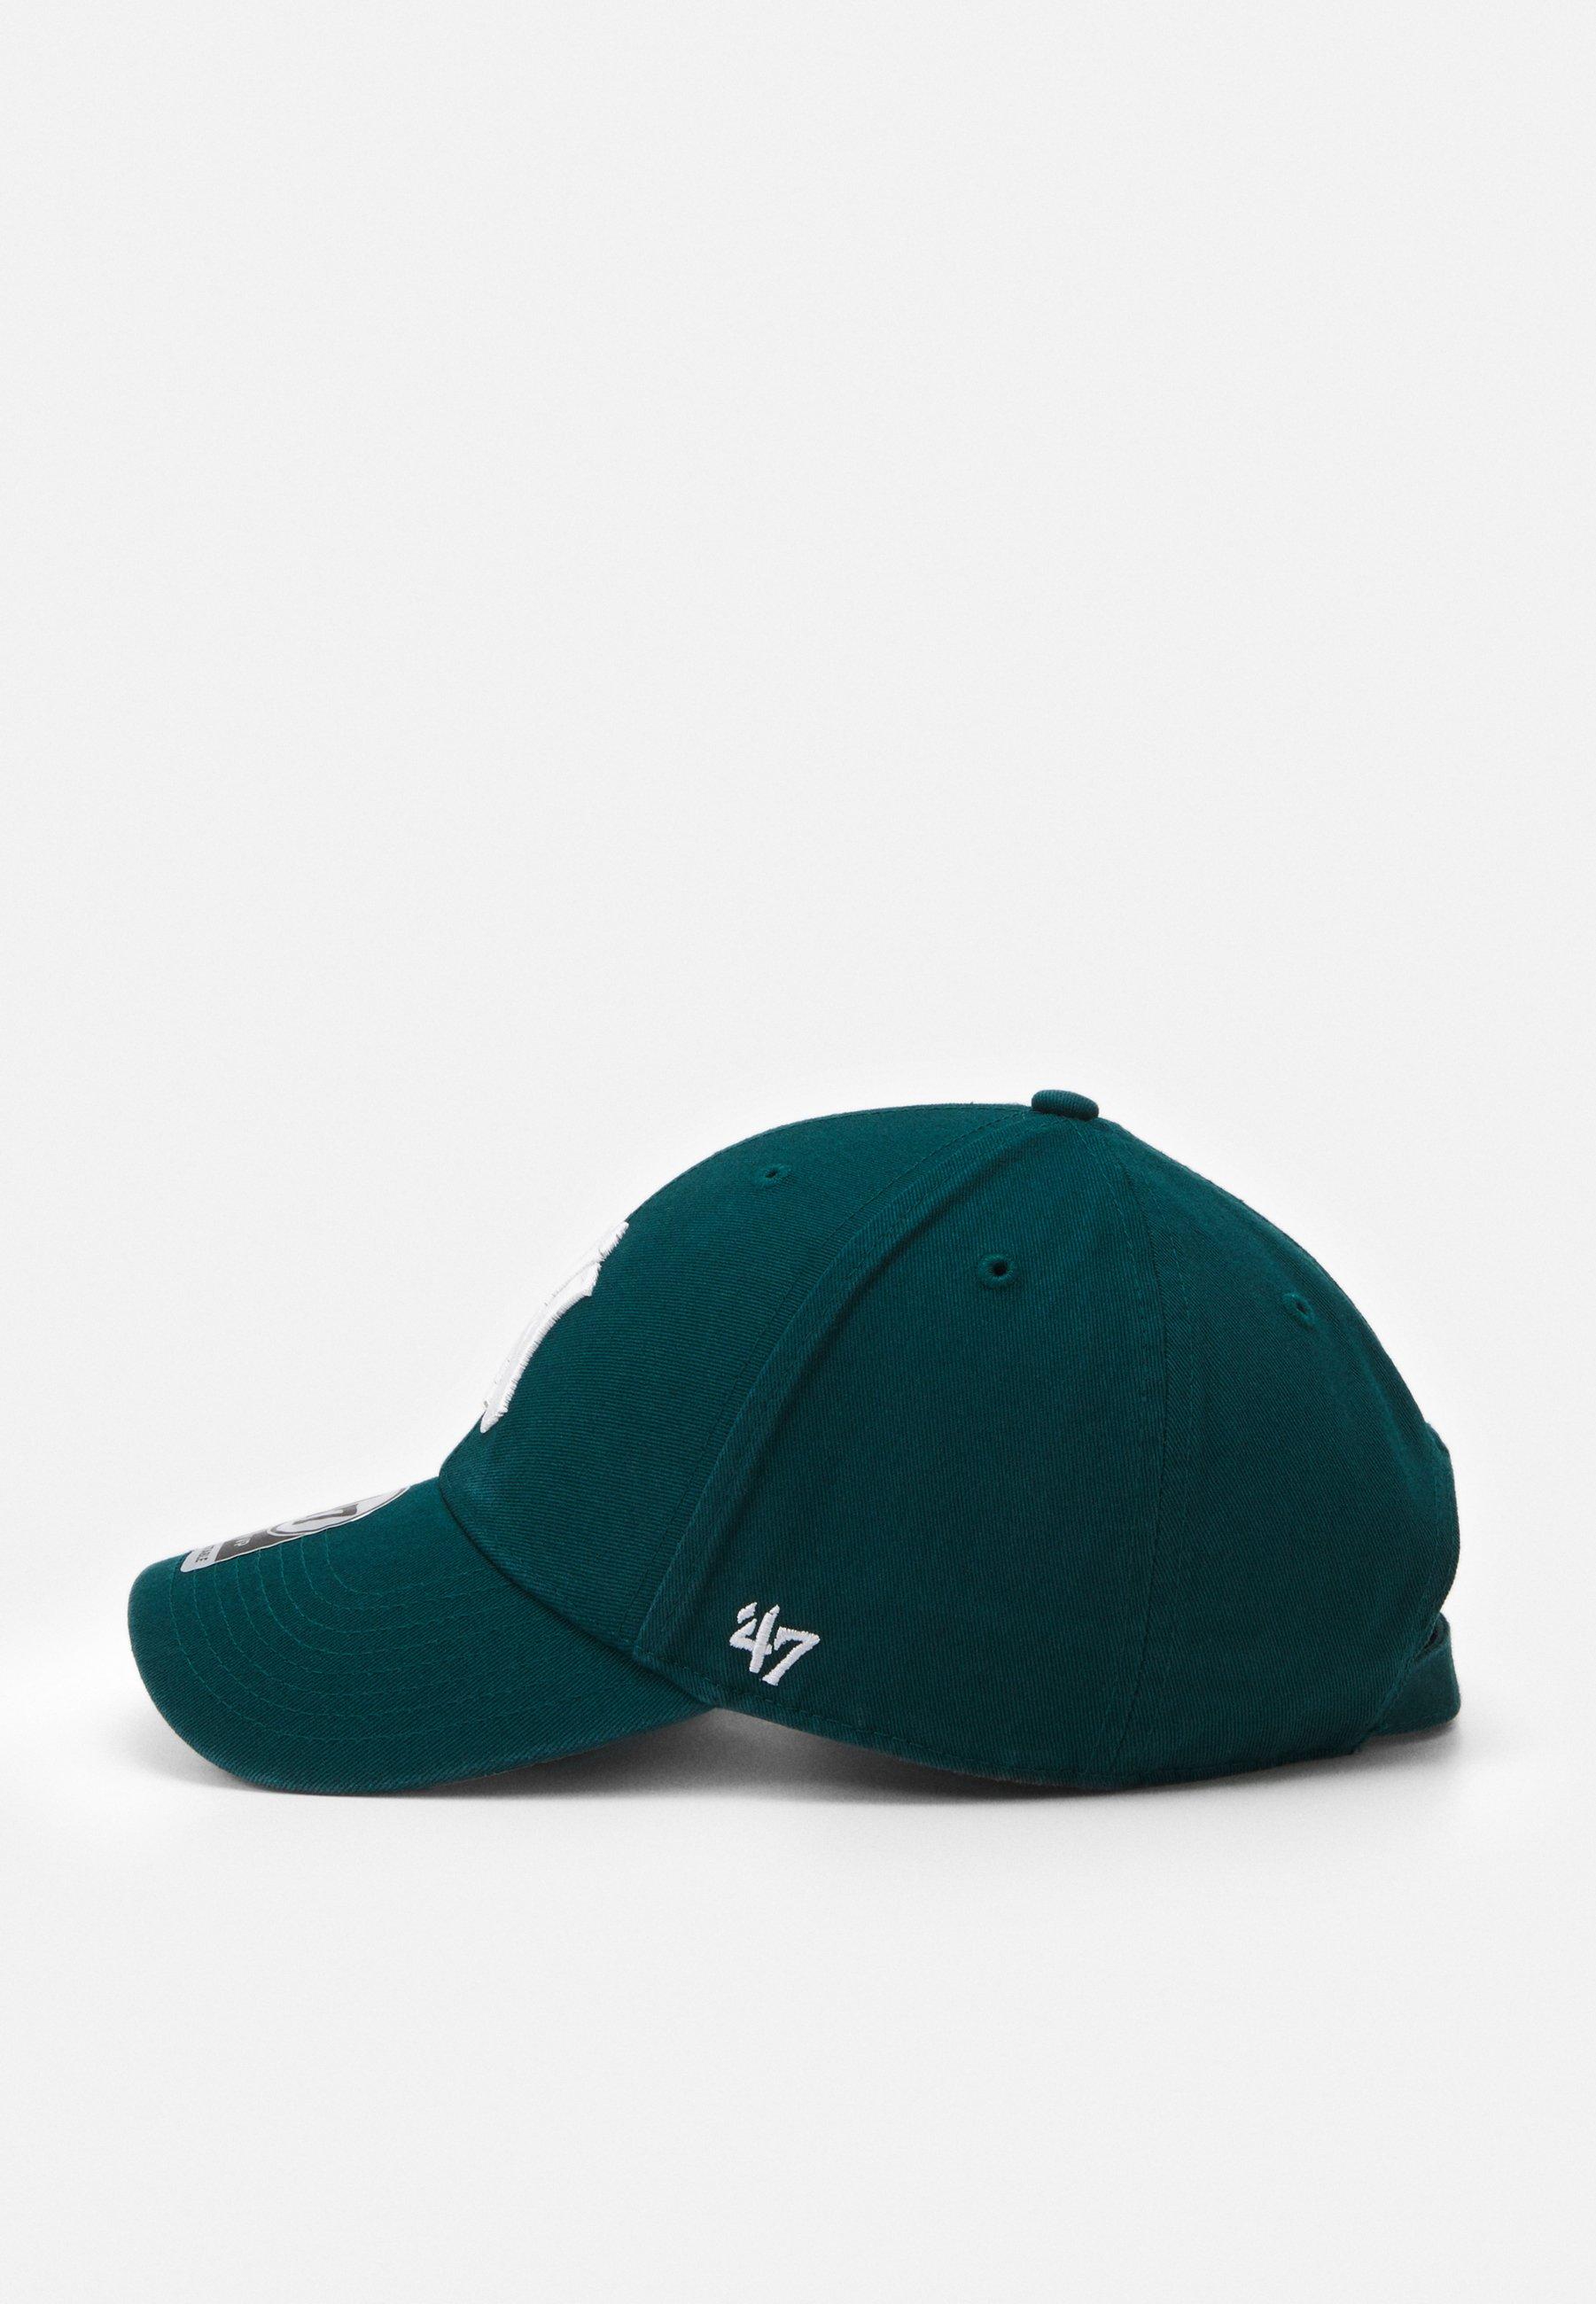 '47 New York Yankees Legend - Cap Pacific Green/dunkelgrün